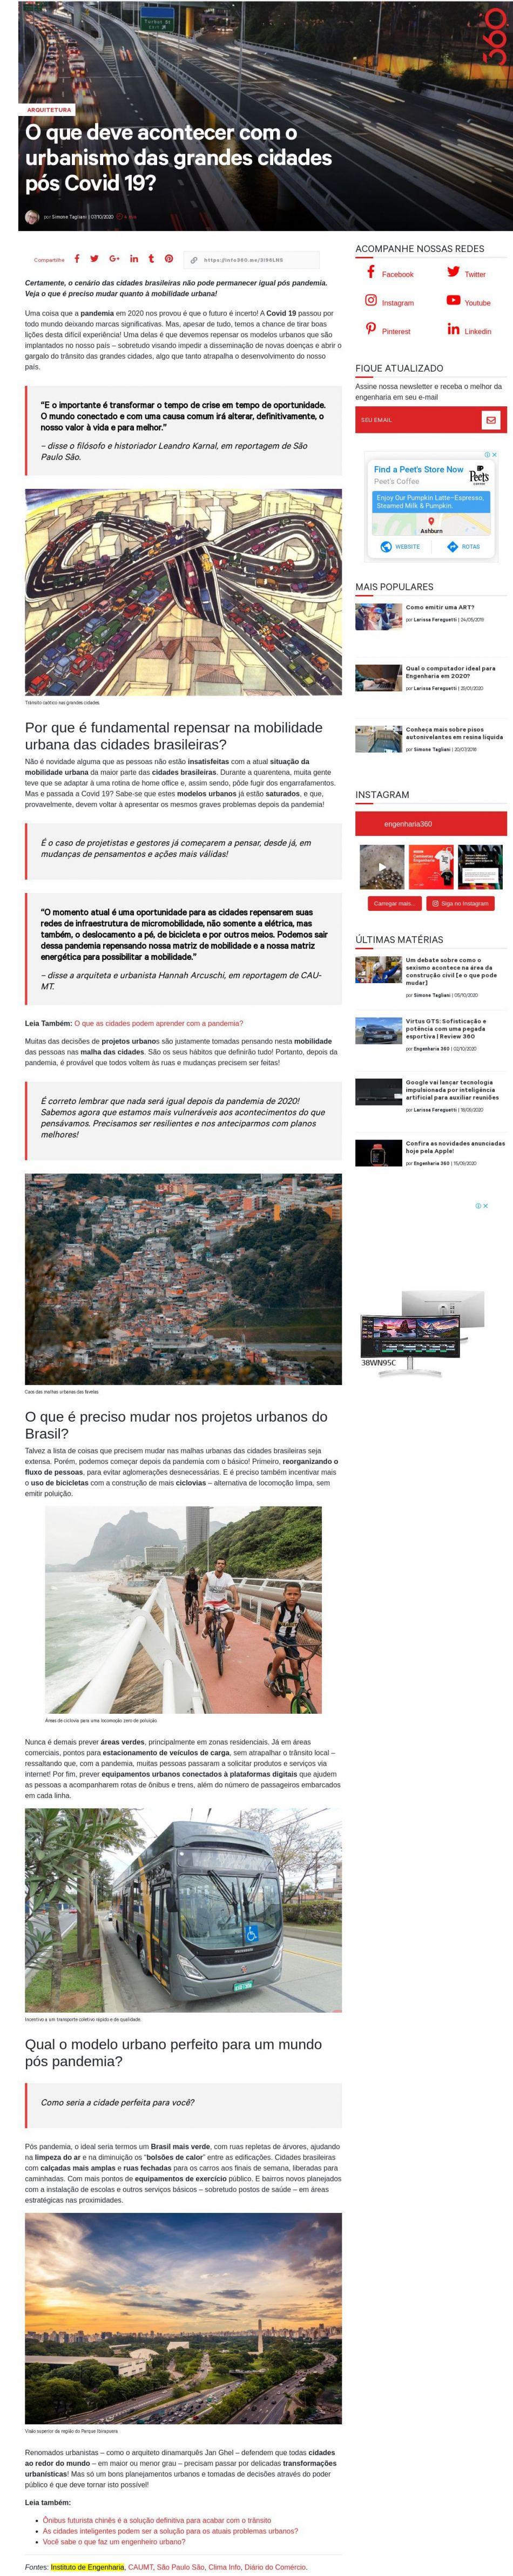 O que deve acontecer com o urbanismo das grandes cidades pós Covid 19? - Engenharia 360